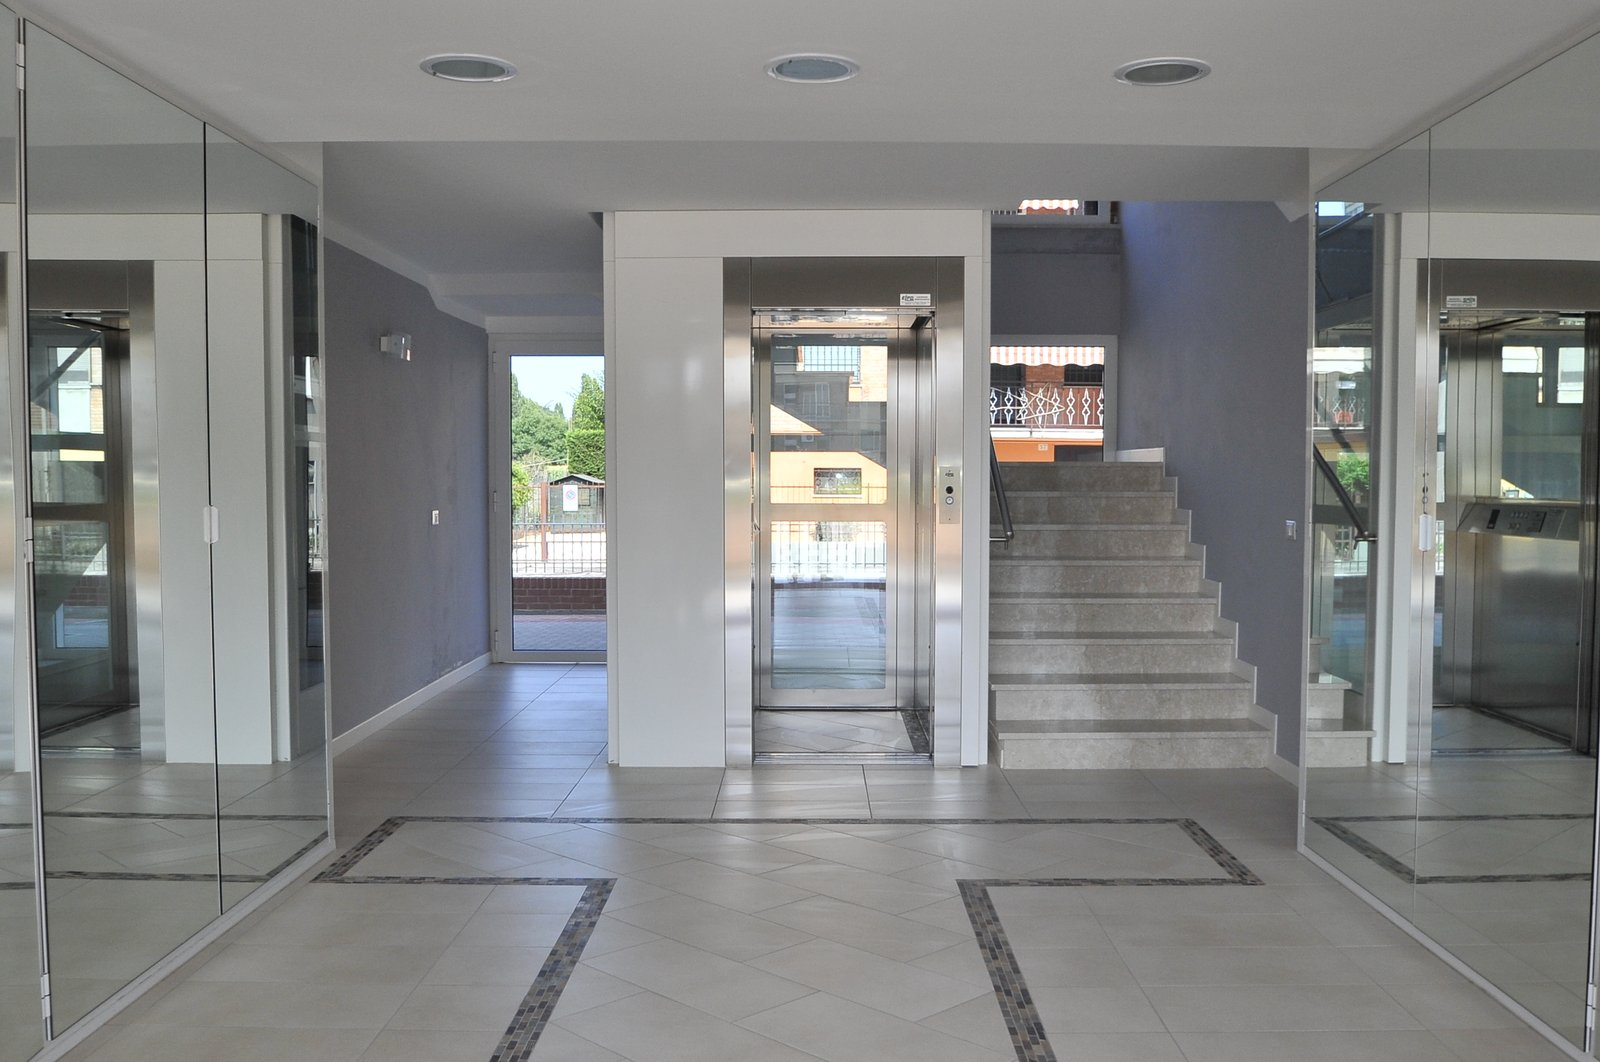 Installazione E Manutenzione Ascensore Condominiale A Ferrara ...